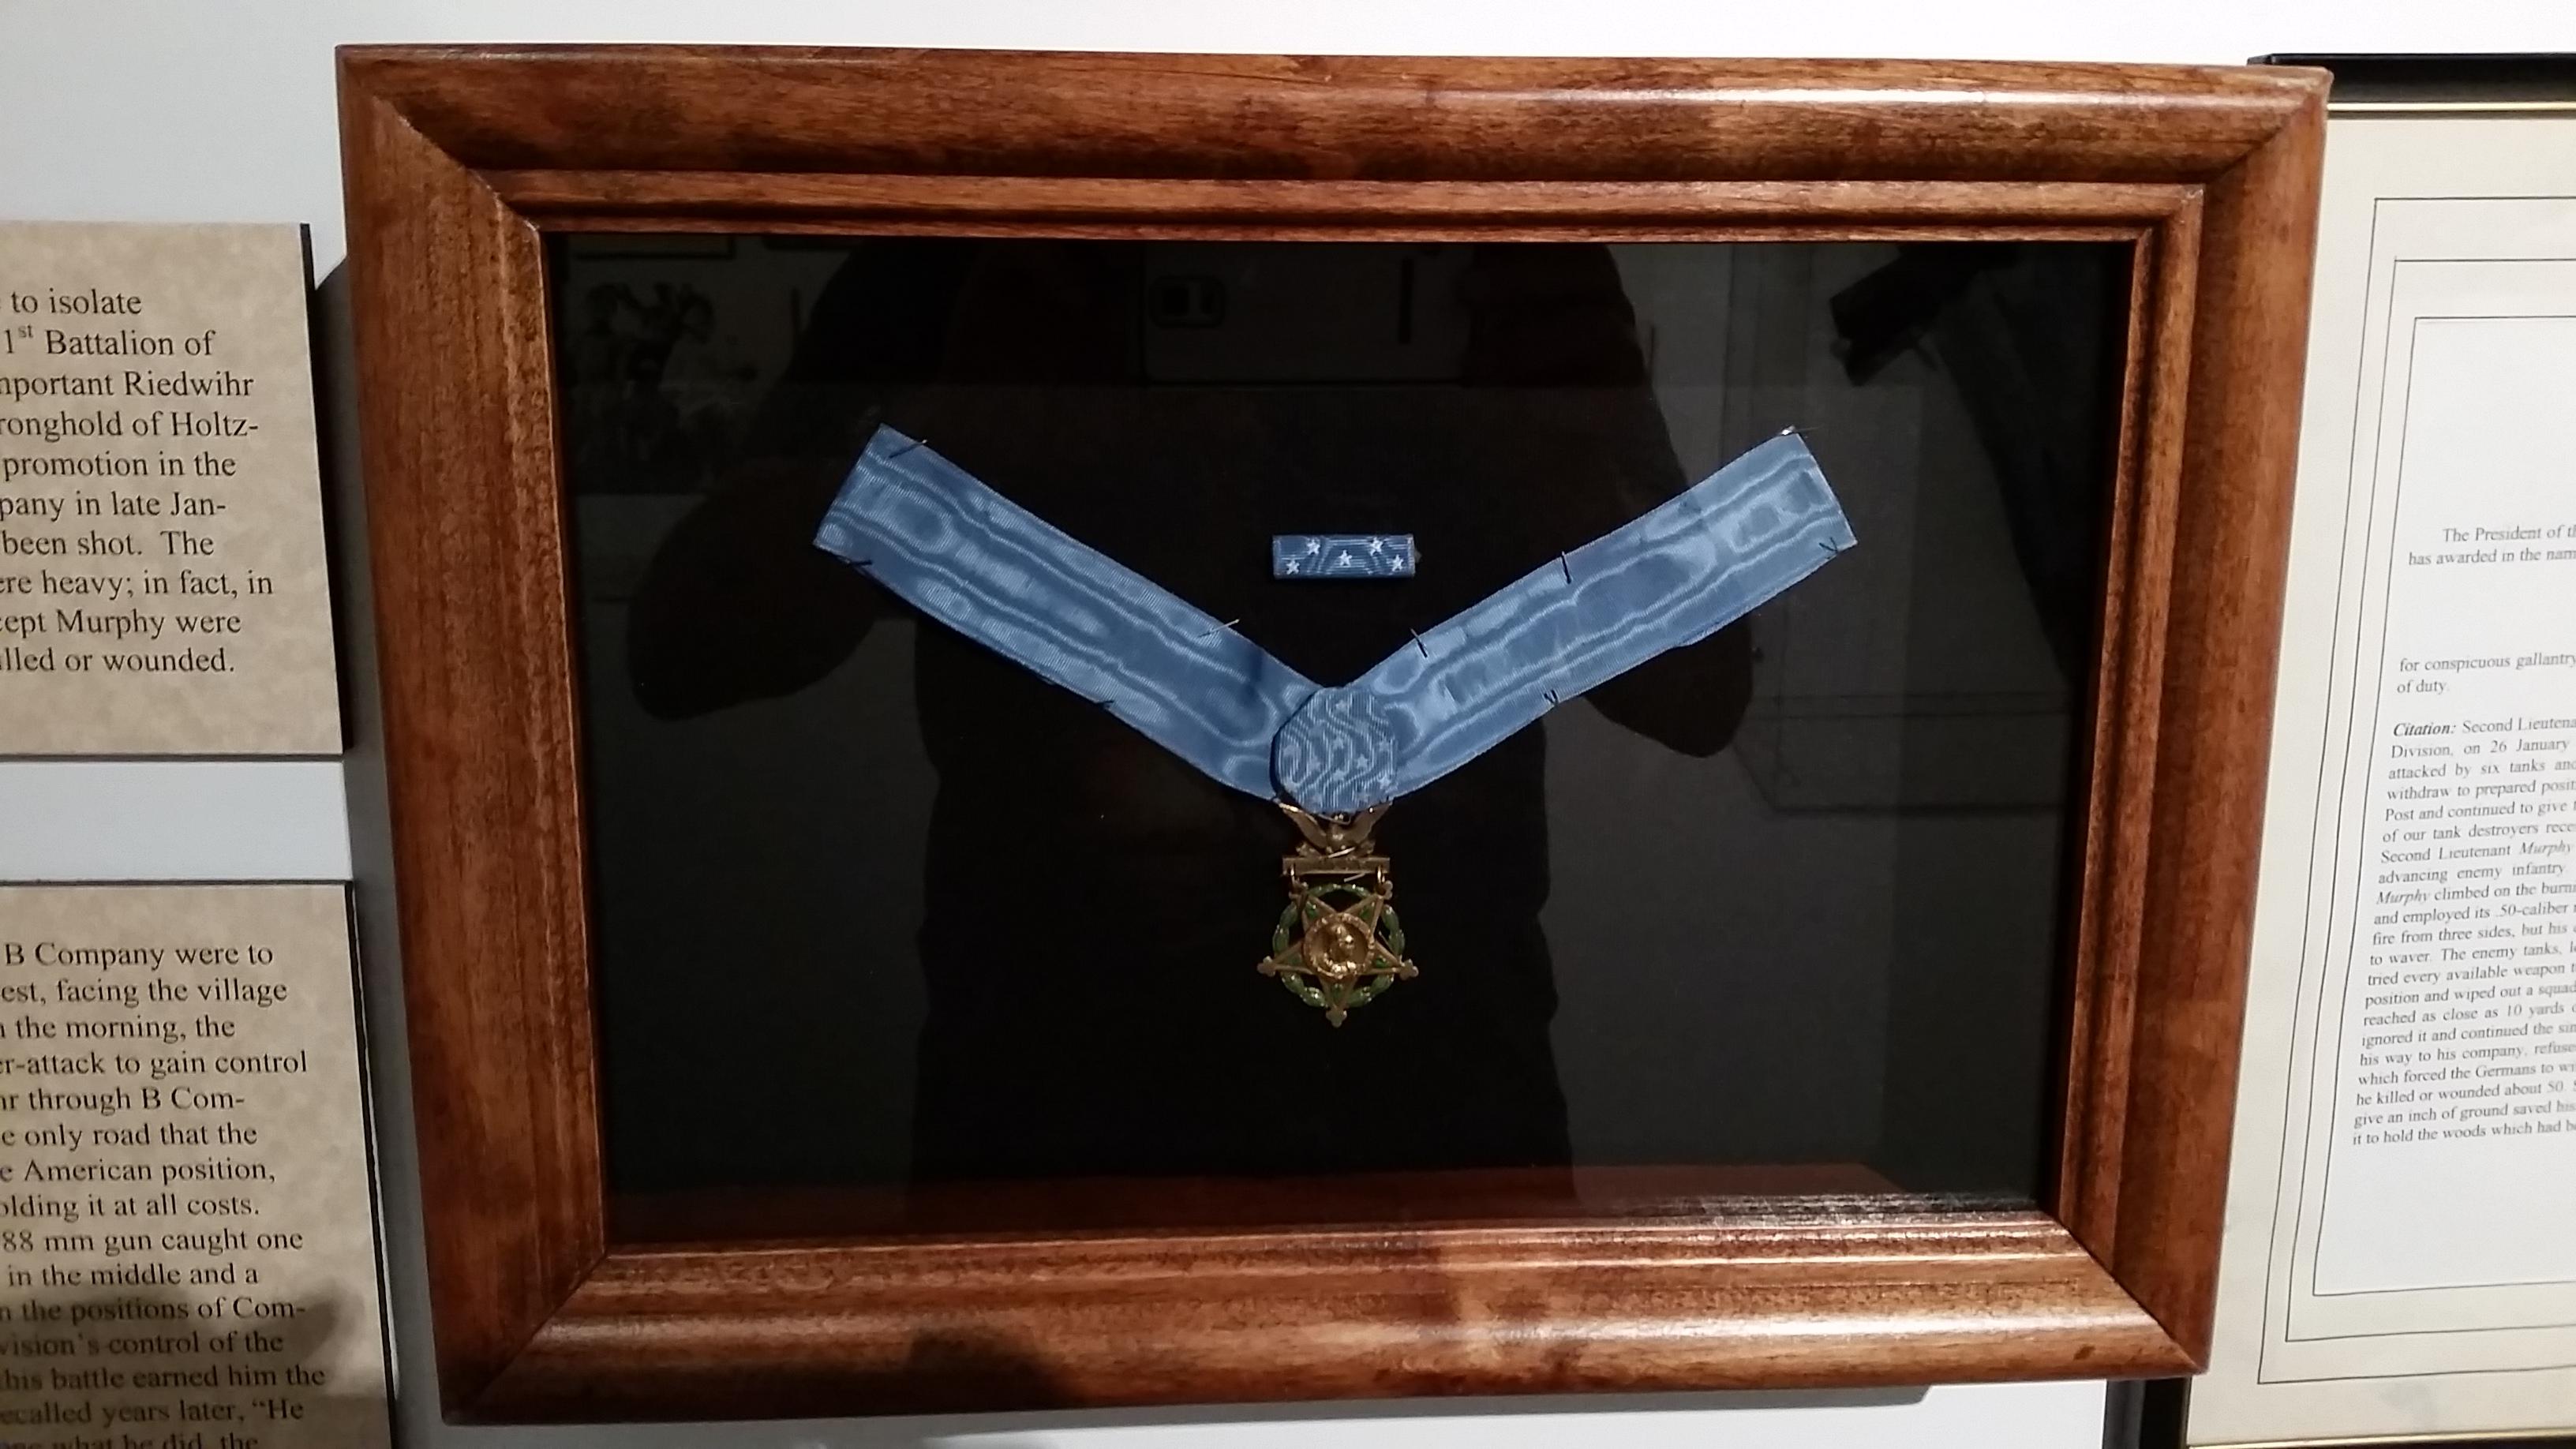 Audie Murphy Medal of Honor